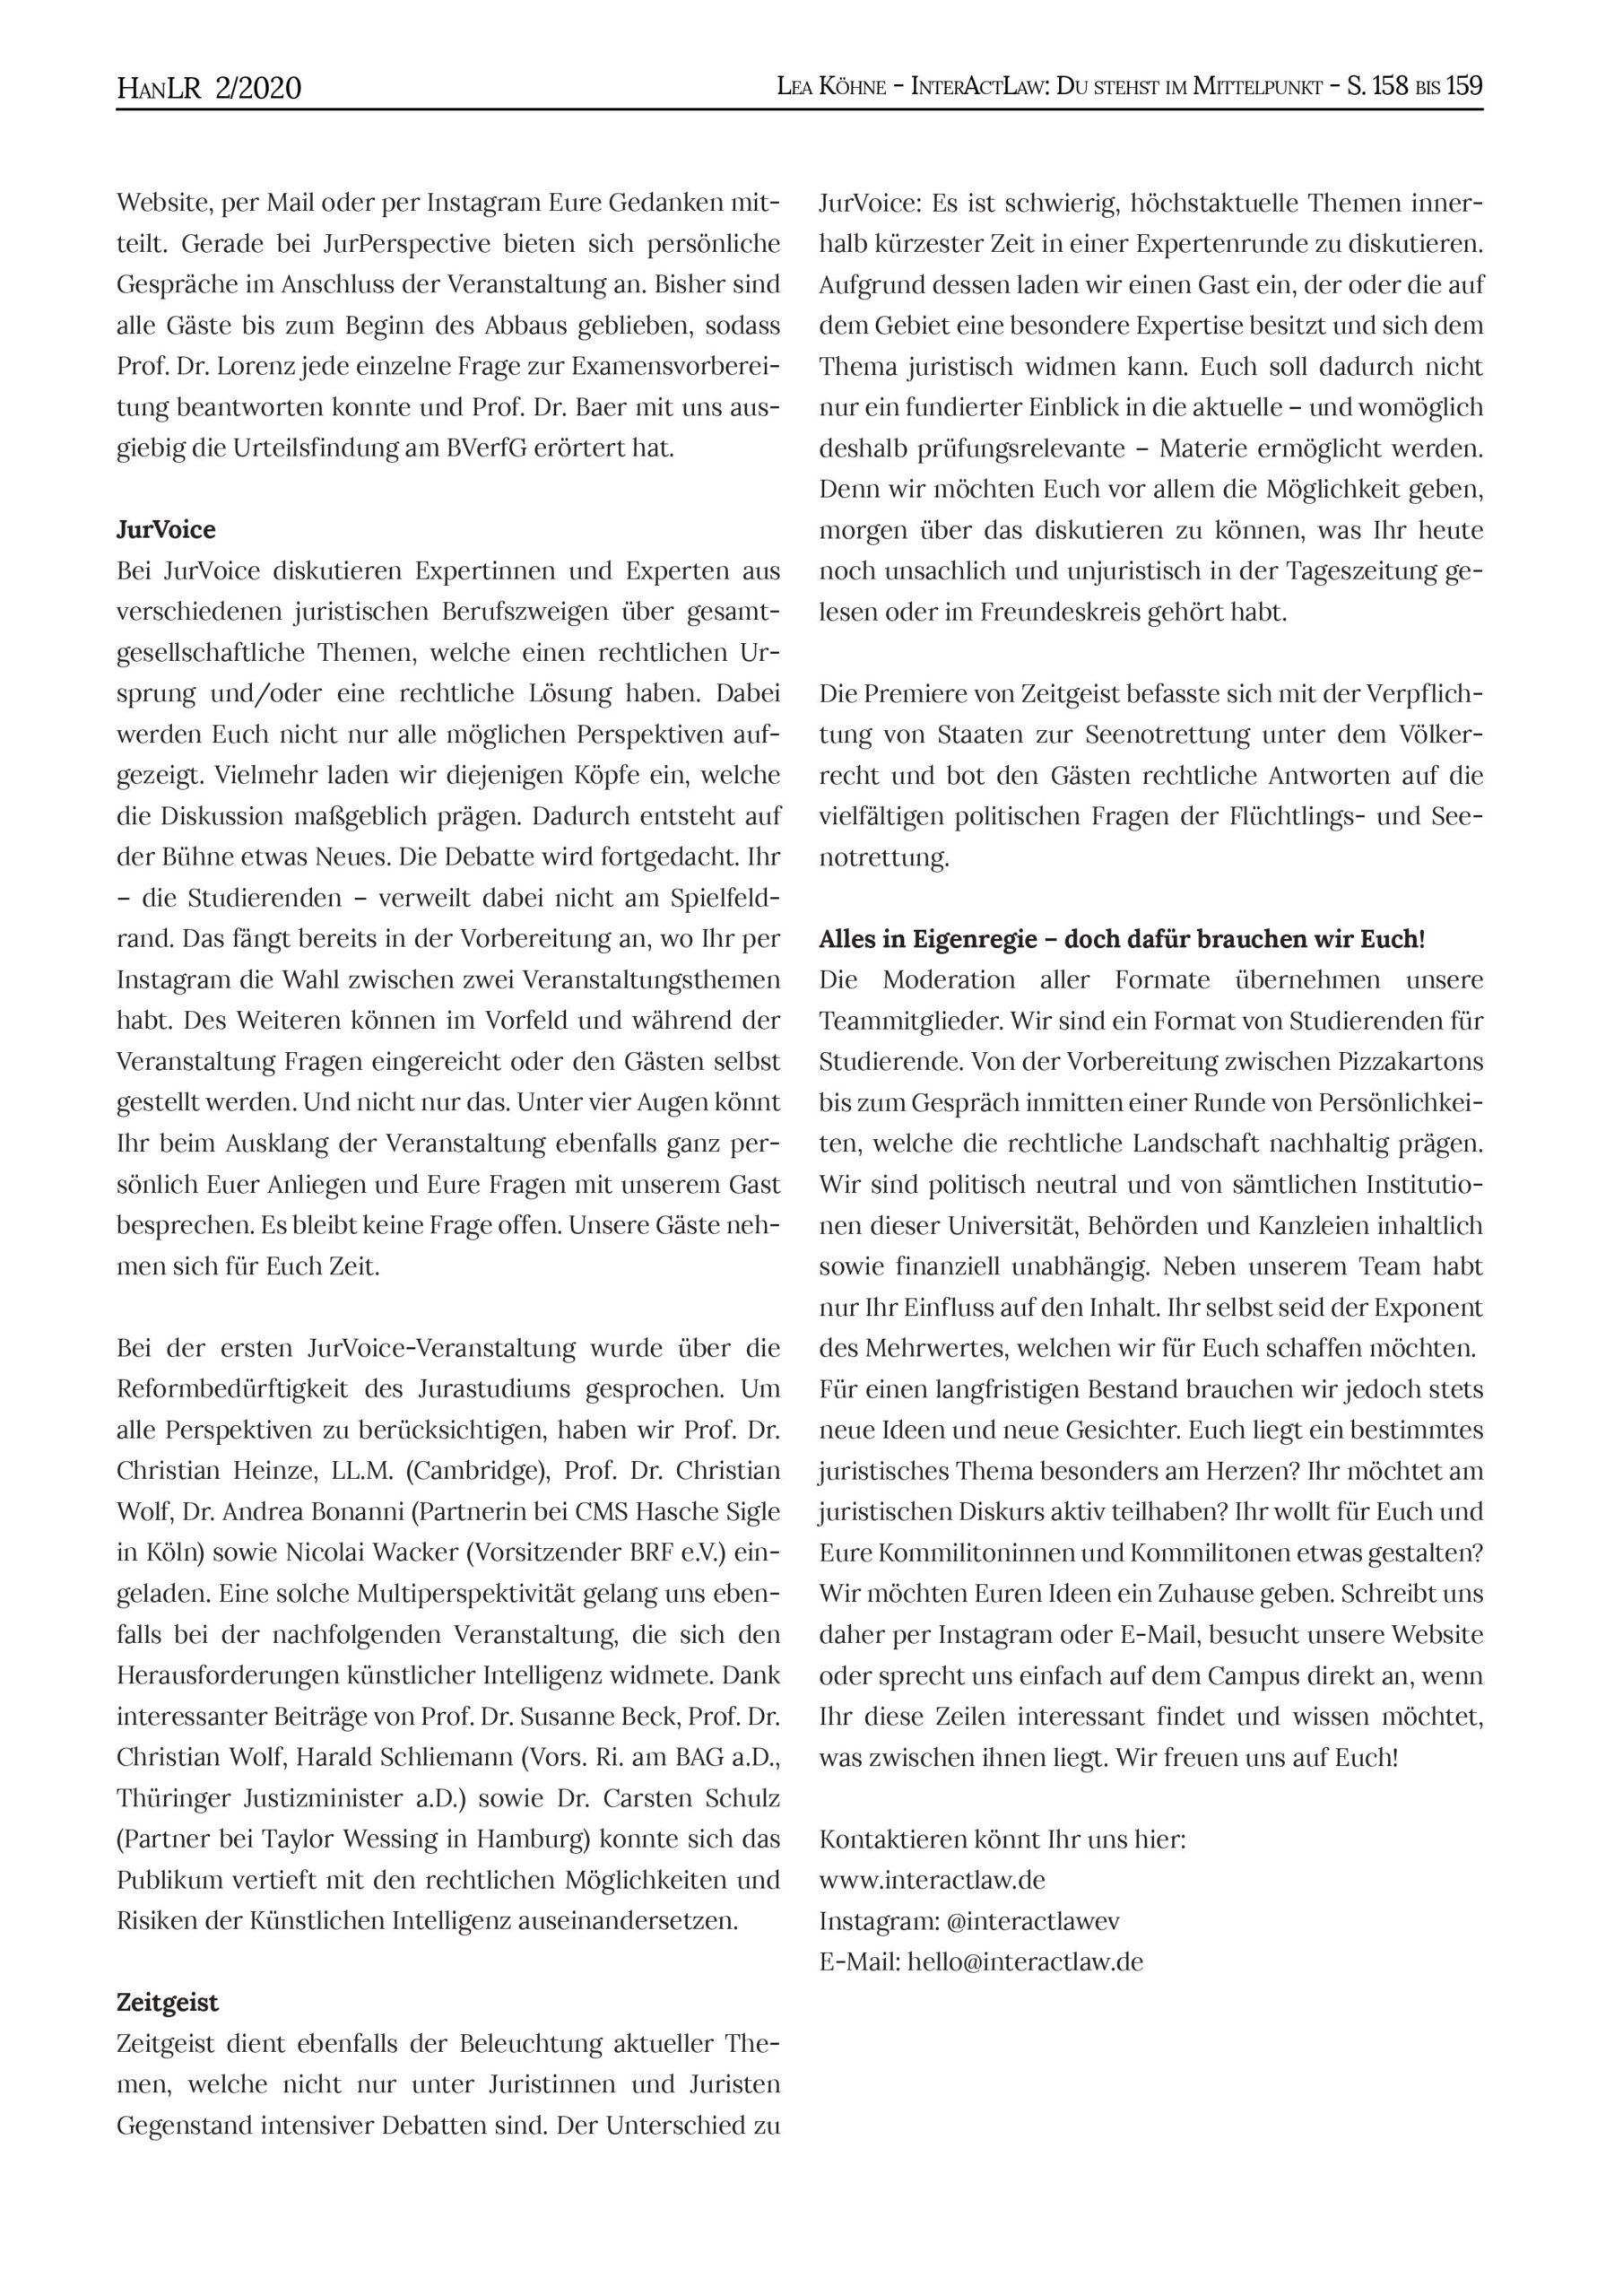 HanLR 2/2020, Lea Köhne, InteractLaw: Du stehst im Mittelpunkt, S.158-159, 159